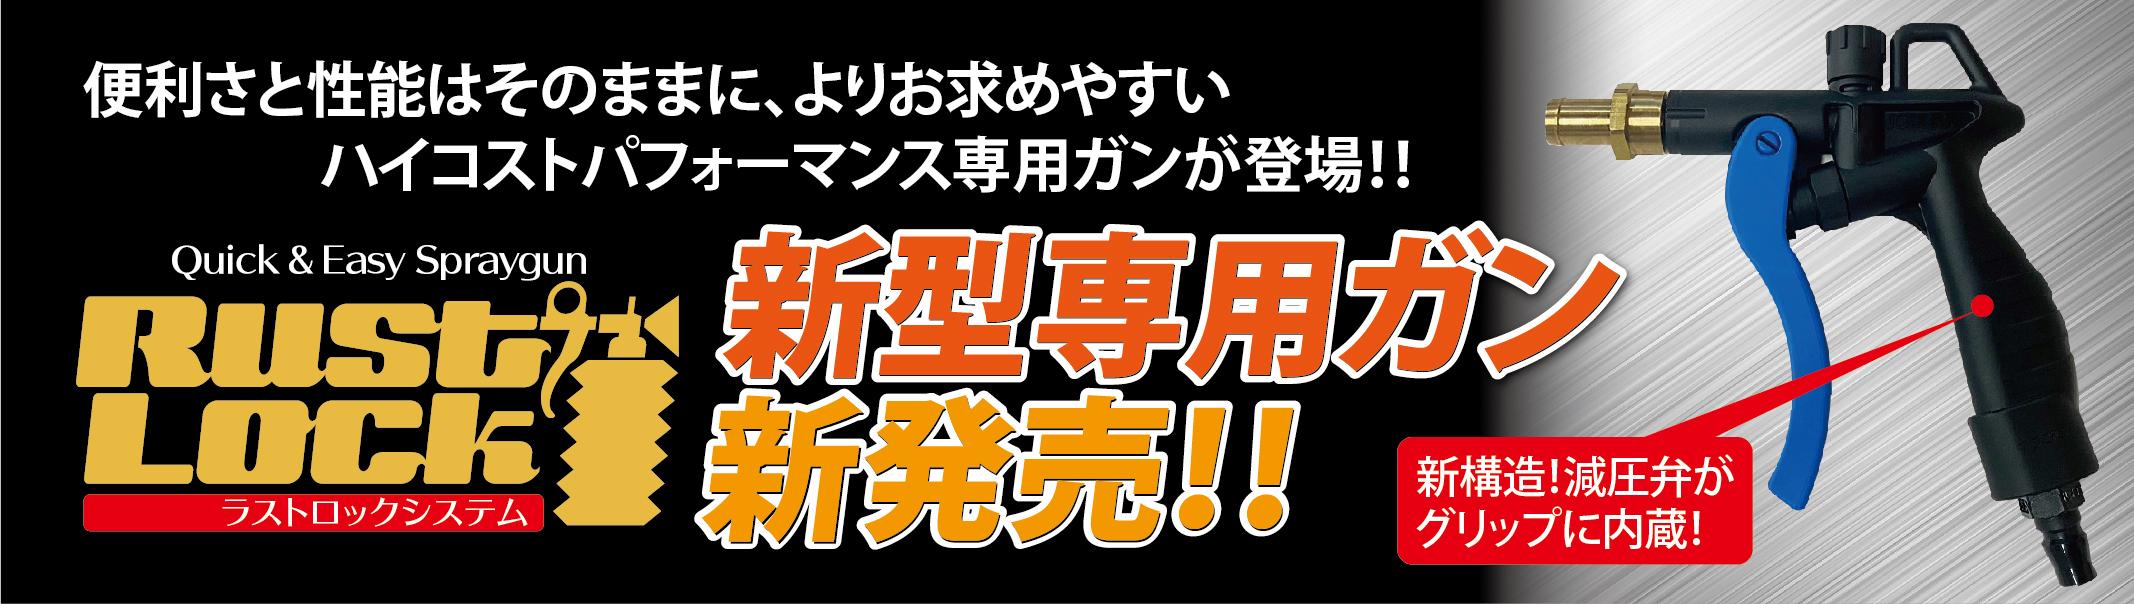 話題の新感覚タイヤワックス「AQWAX」GMO/楽天にて限定先行販売実施中!